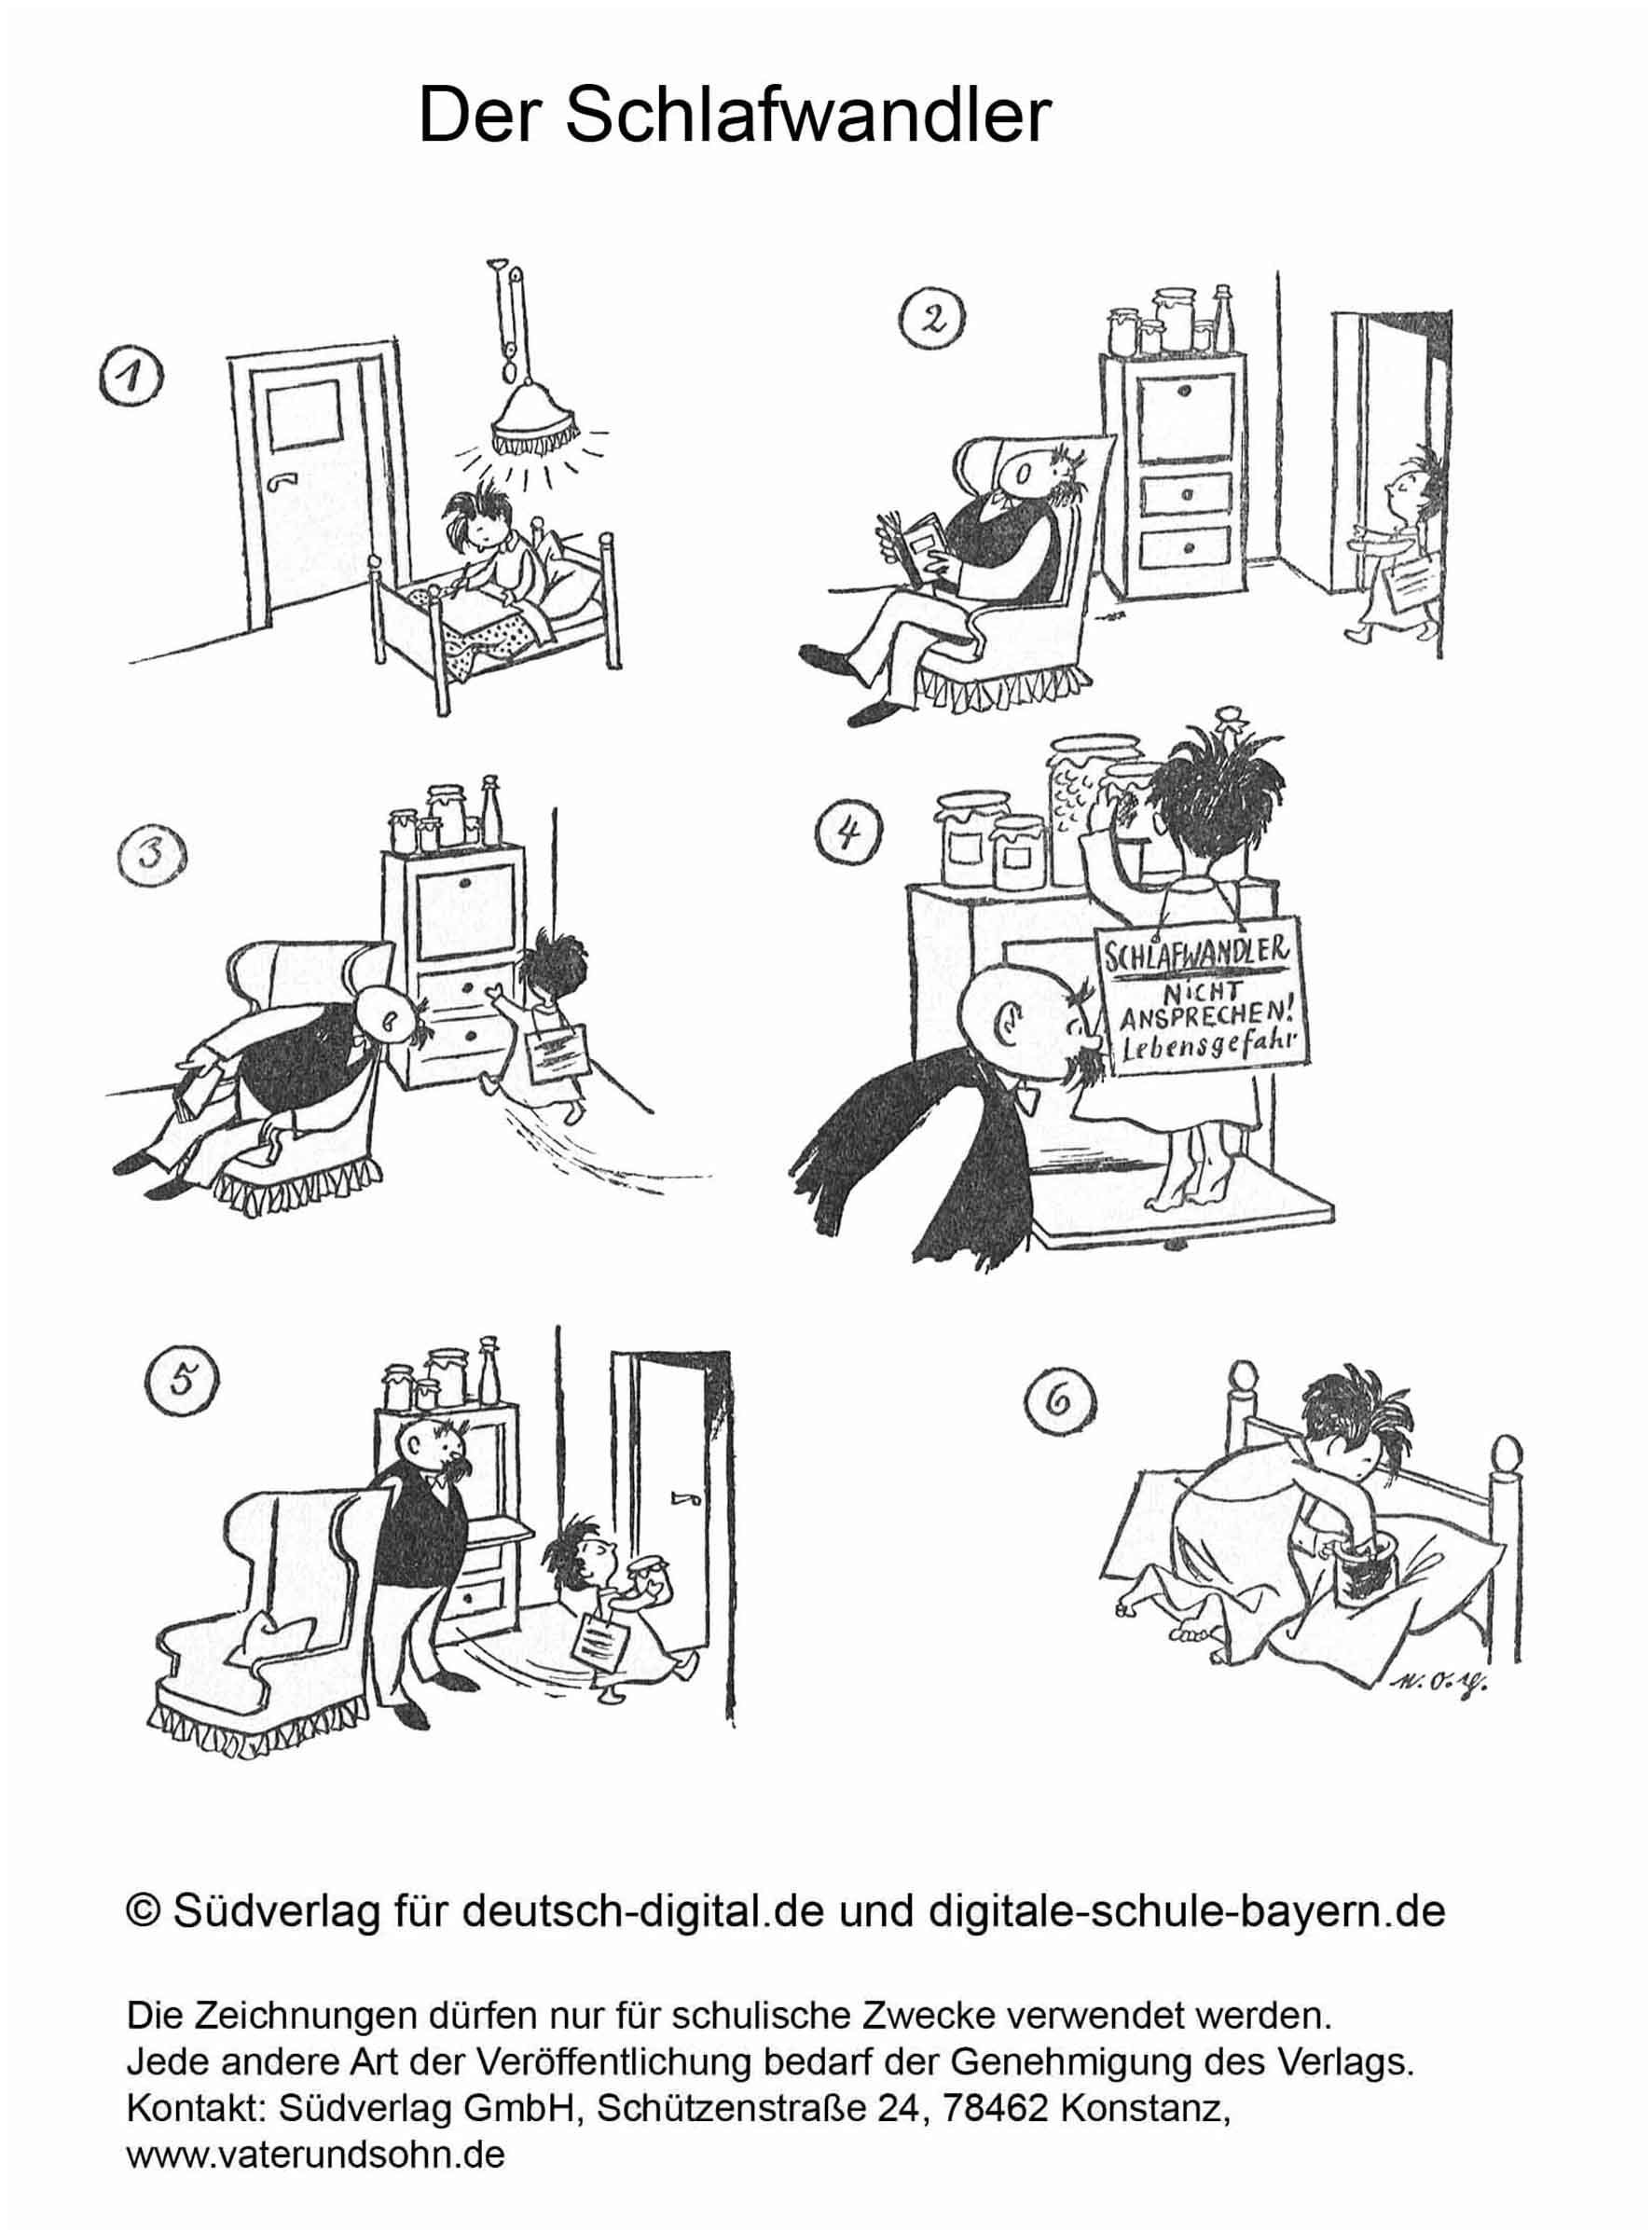 www.digitale-schule-bayern.de dsdaten 443 38.6.jpg | Kreatives ...